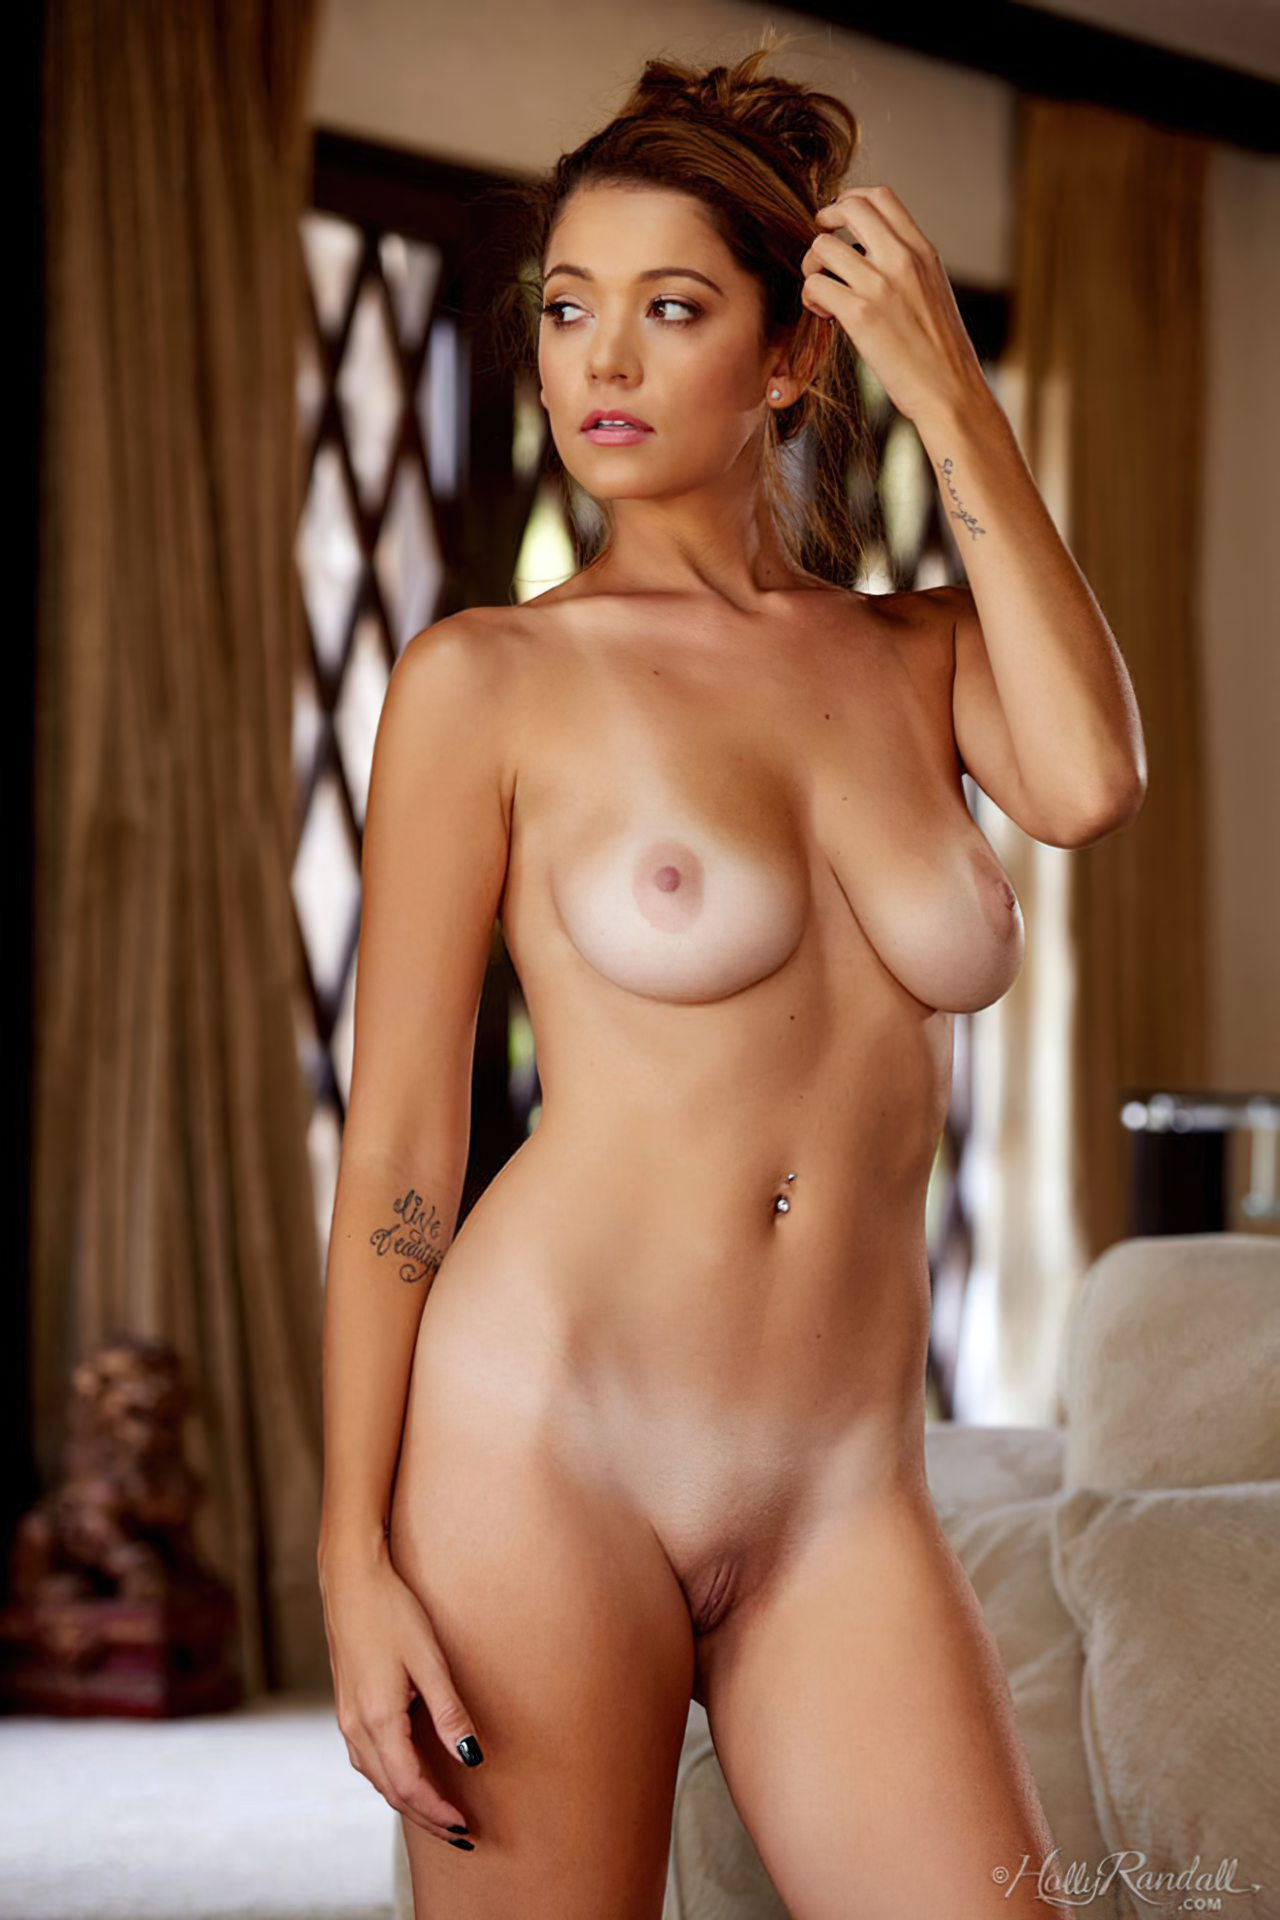 Gostosa Pelada Enviando Nudes (7)